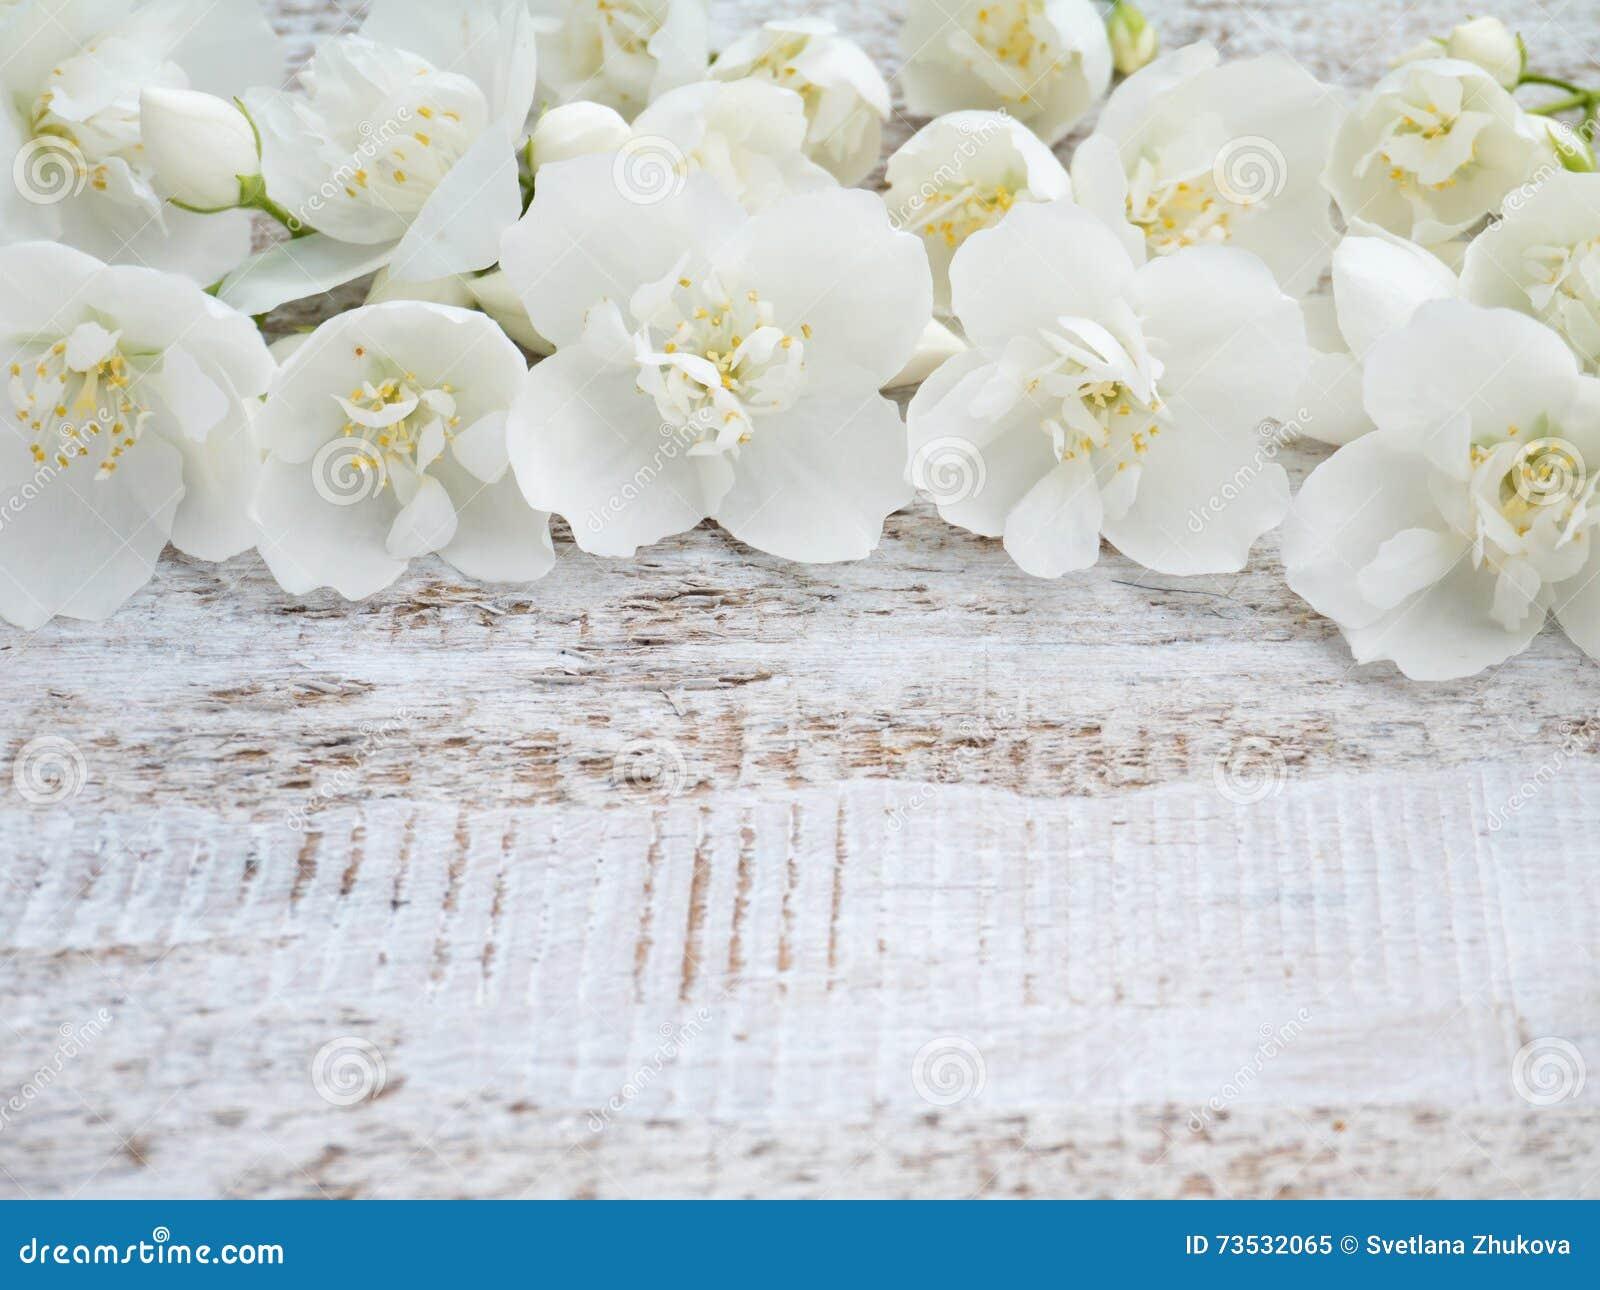 English dogwood flowers stock image. Image of plant, delicate - 73532065